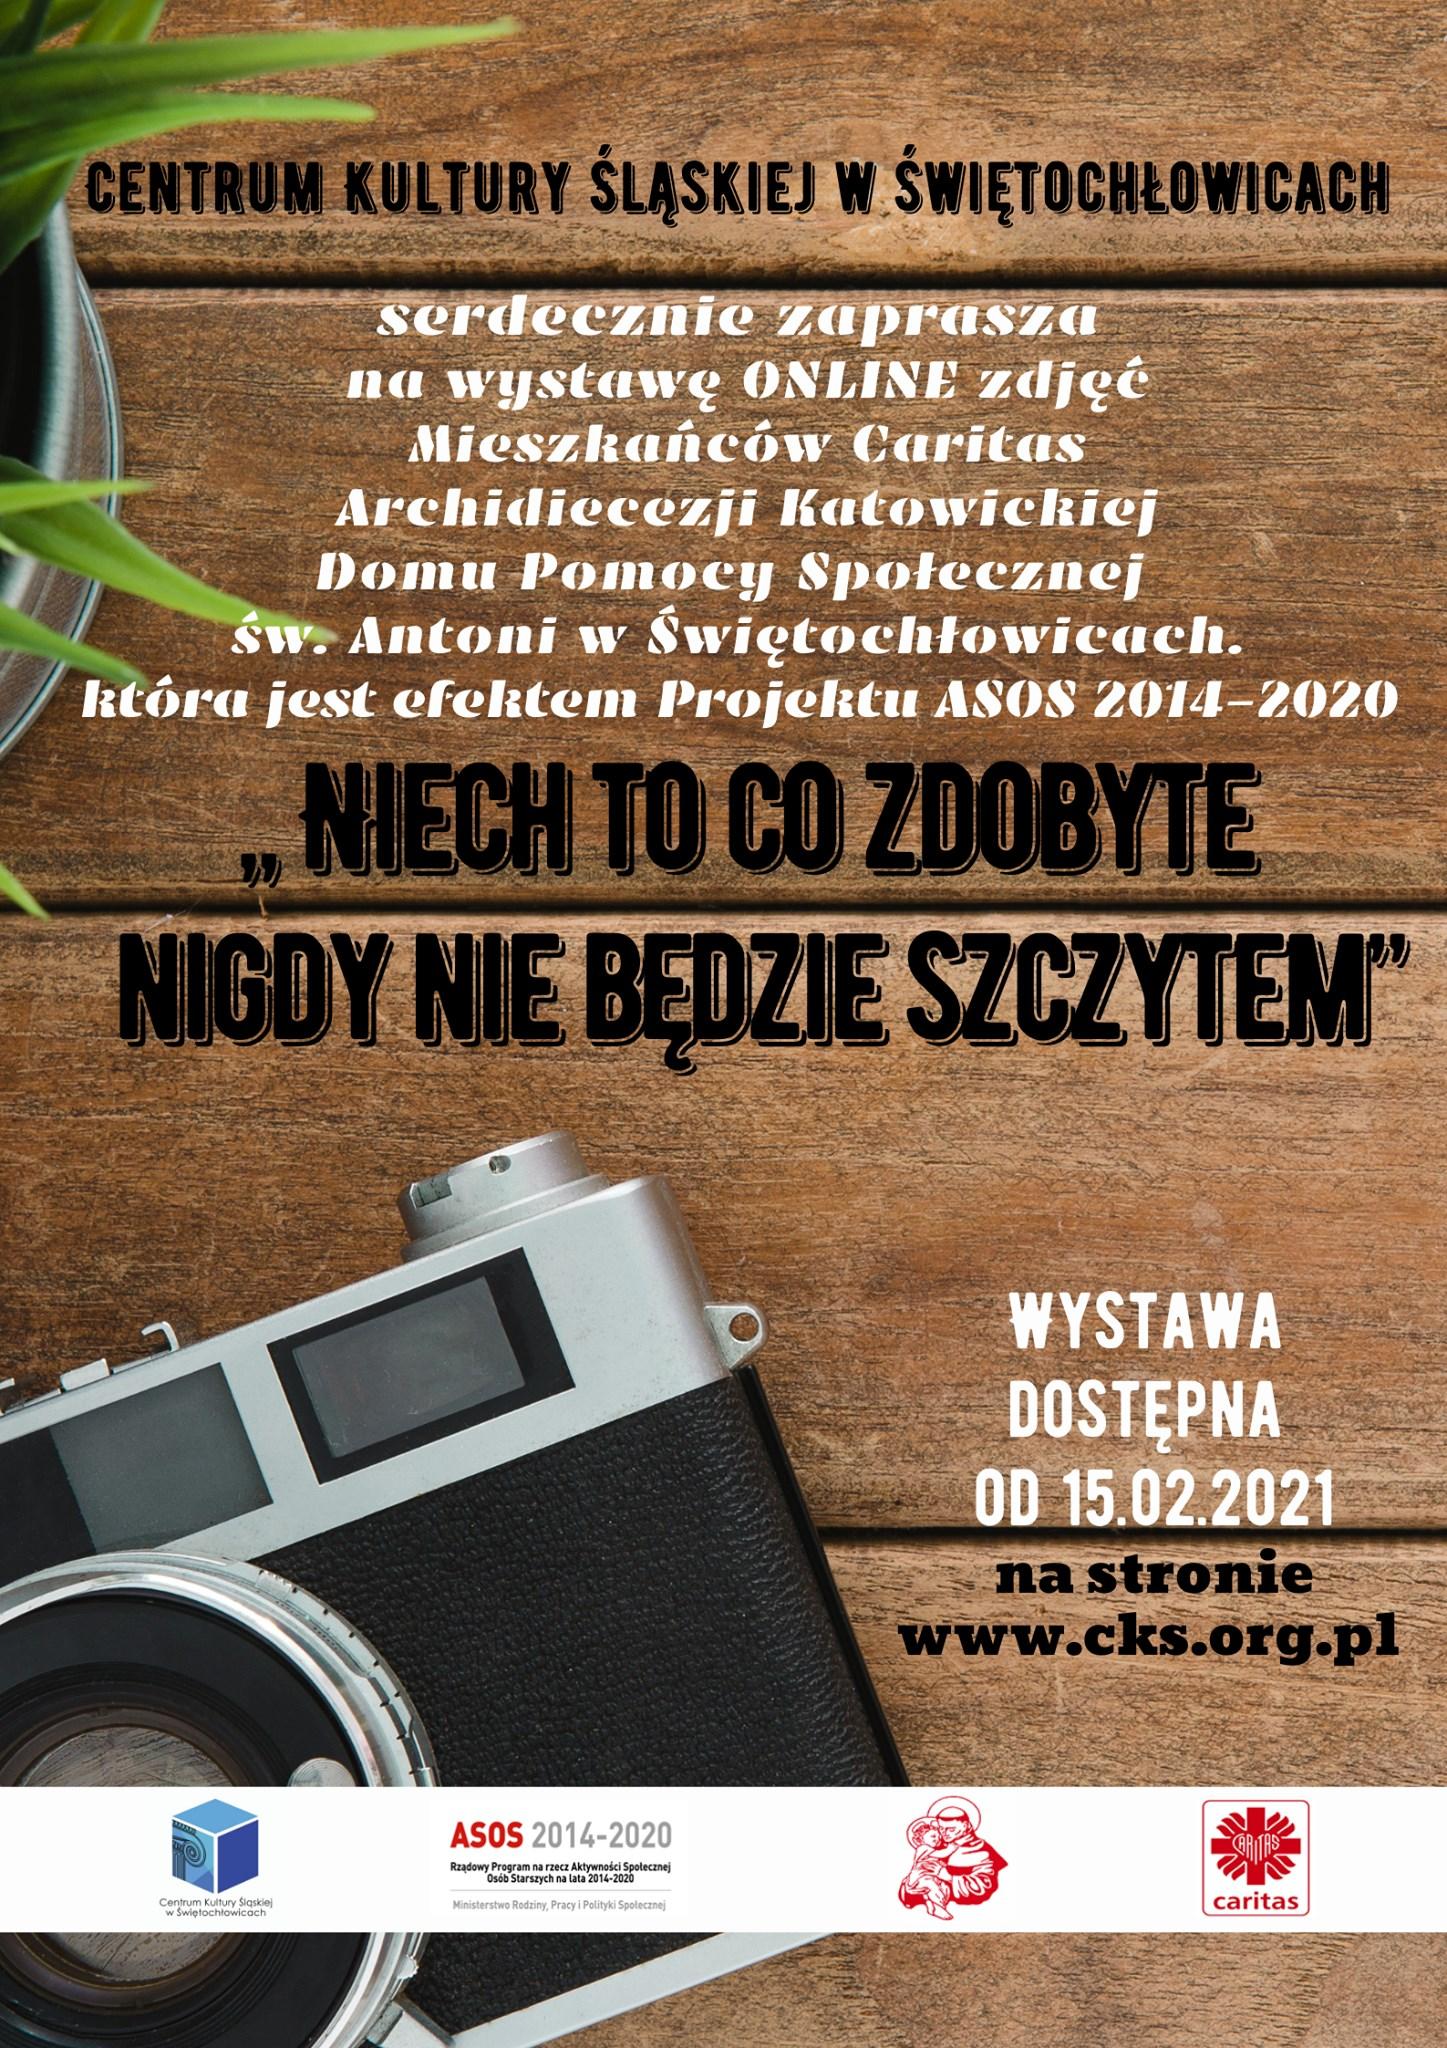 plakat wystawy ze zdjęciem aparatu